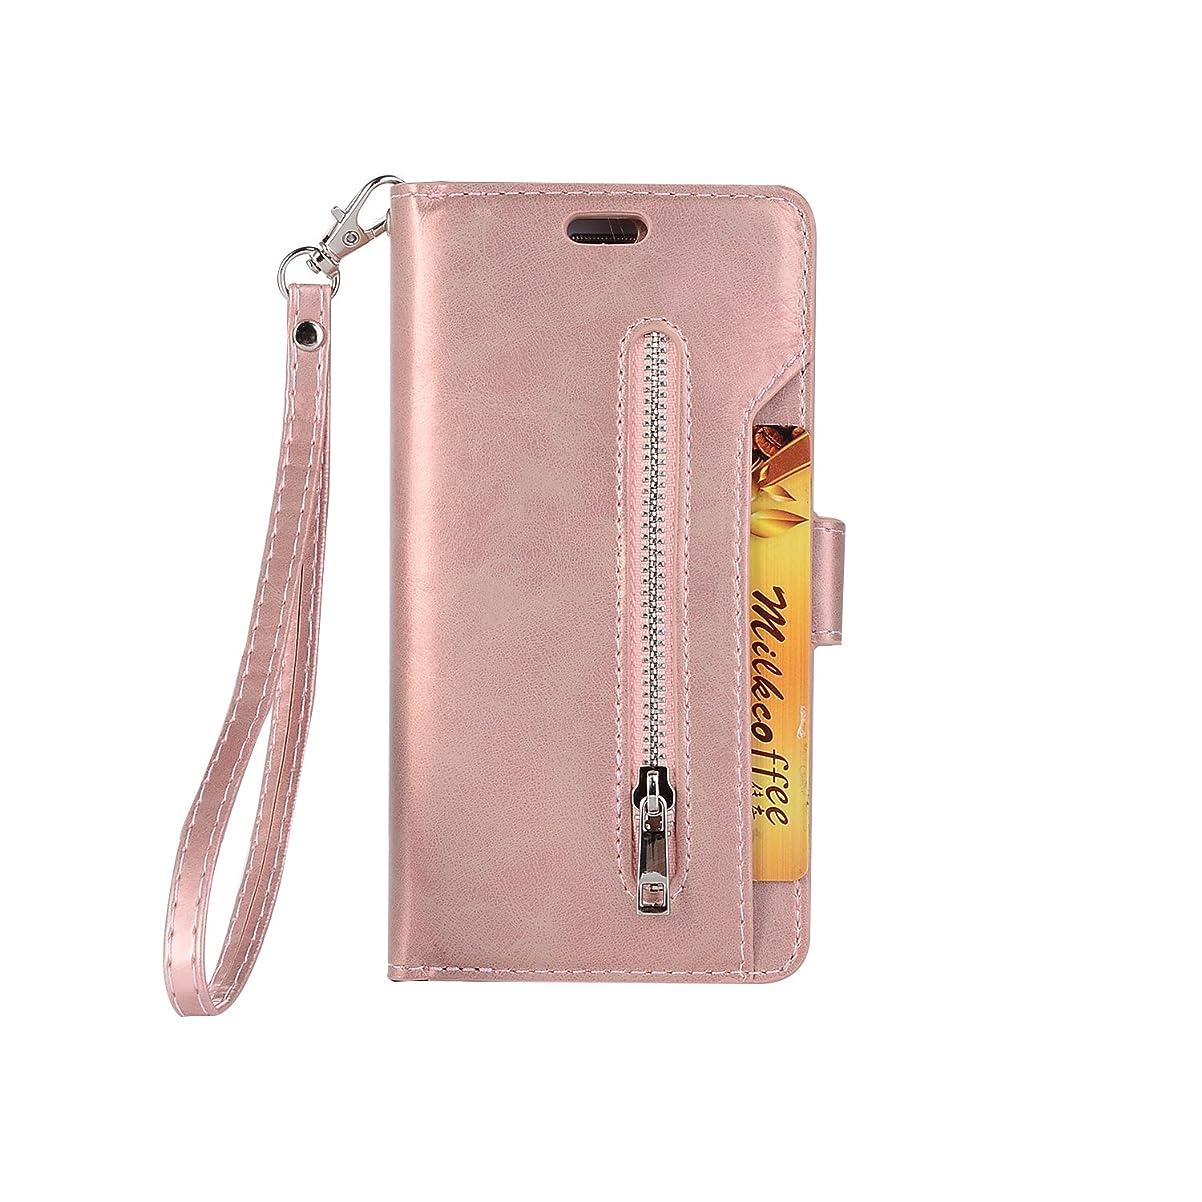 すべき暴露する療法iPhone Xr 保護ケース 多機能、SIMPLE DO レザーケース 収納型 財布型 マグネット式吸着 スタンド機能 ジッパー付き 盗難防止 防水 耐汚れ ビジネス用(ローズゴールド)